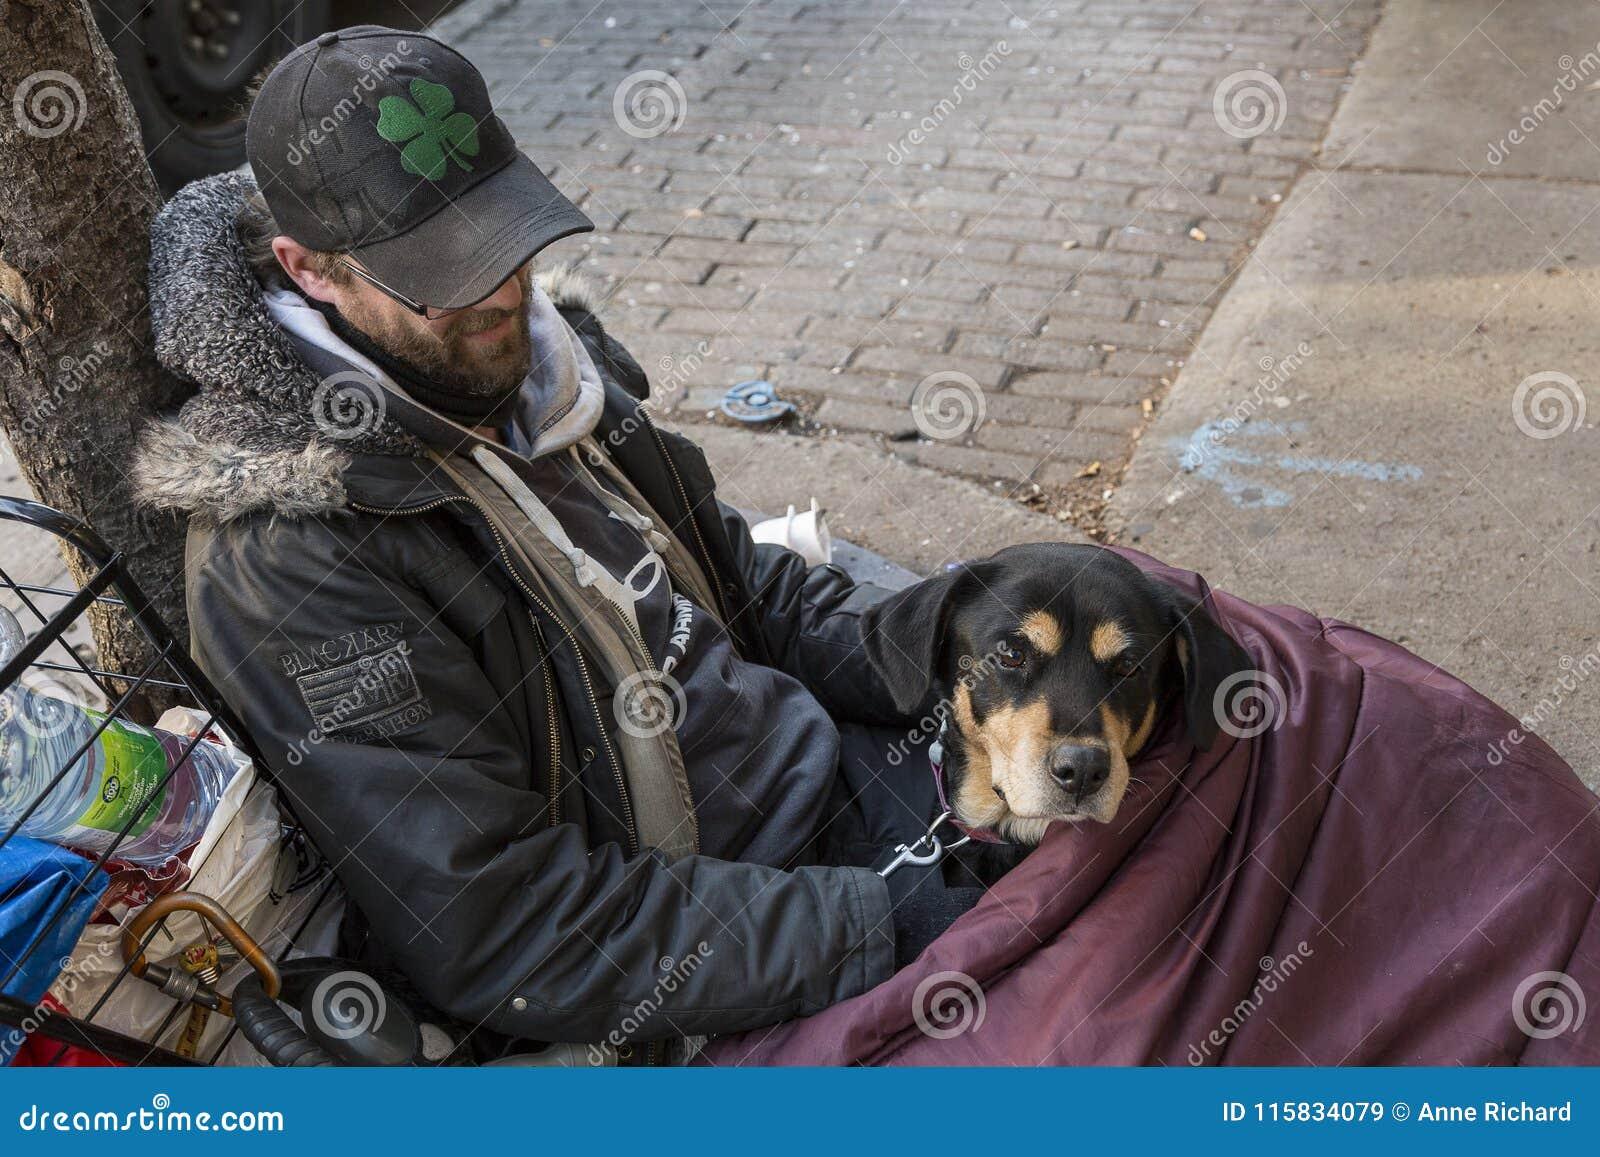 Giovane uomo senza tetto e suo il cane che si trovano sul marciapiede in sacco a pelo